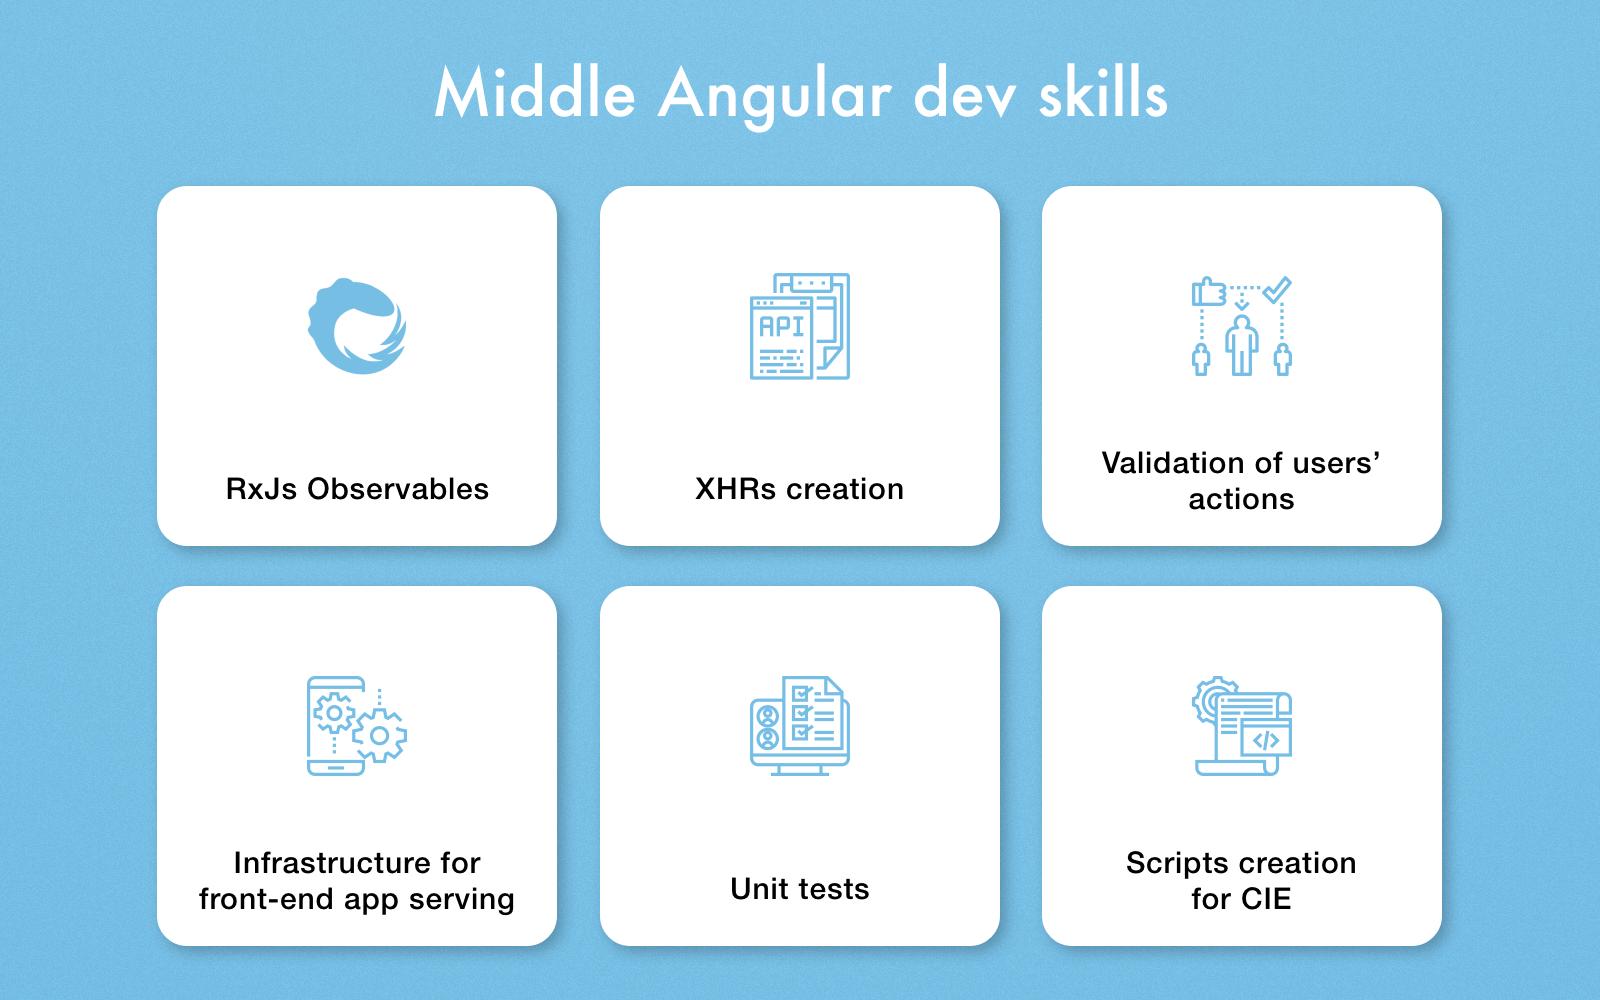 Middle Angular developer